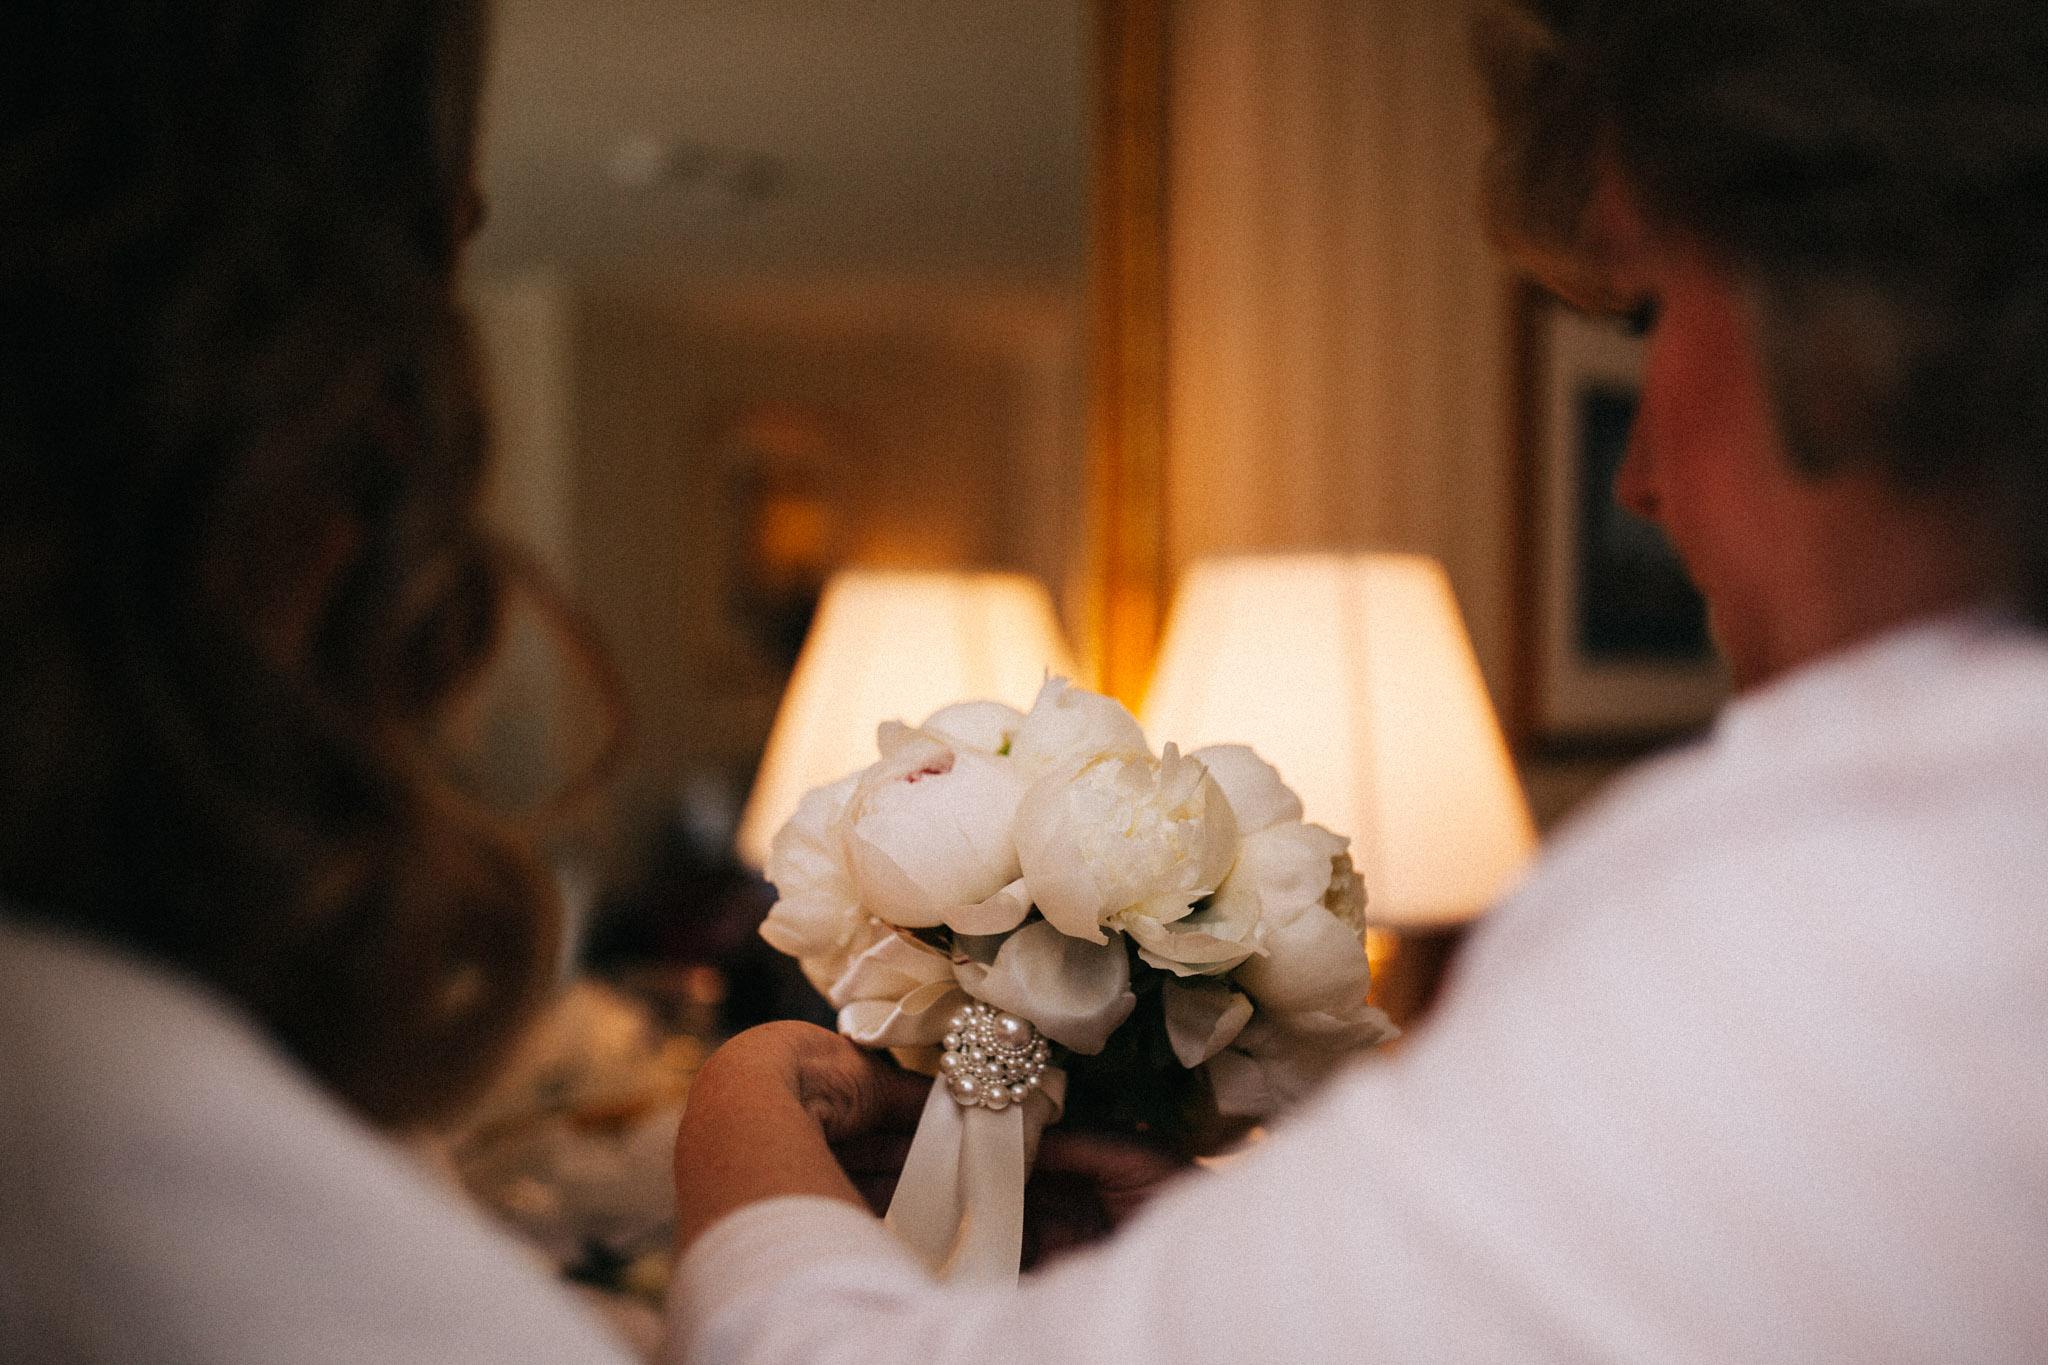 mother handing bride flowers